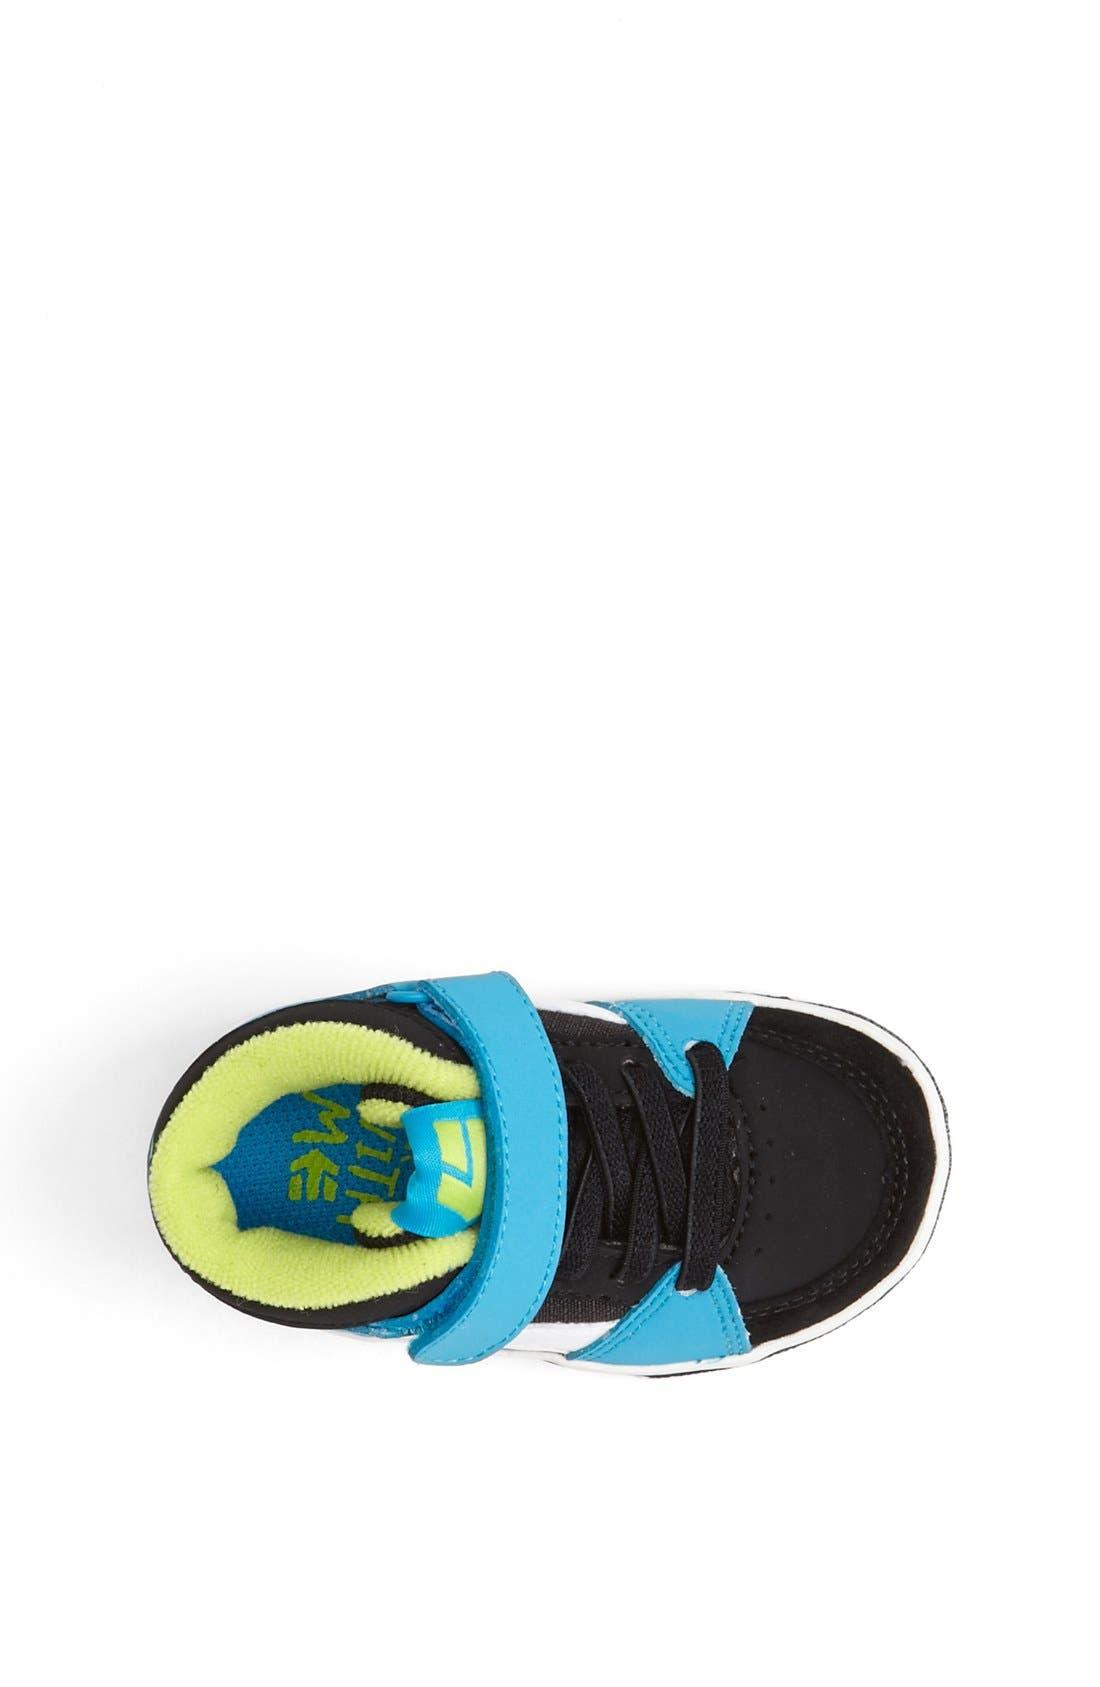 Alternate Image 3  - Etnies 'RVM' Strap Sneaker (Walker & Toddler)